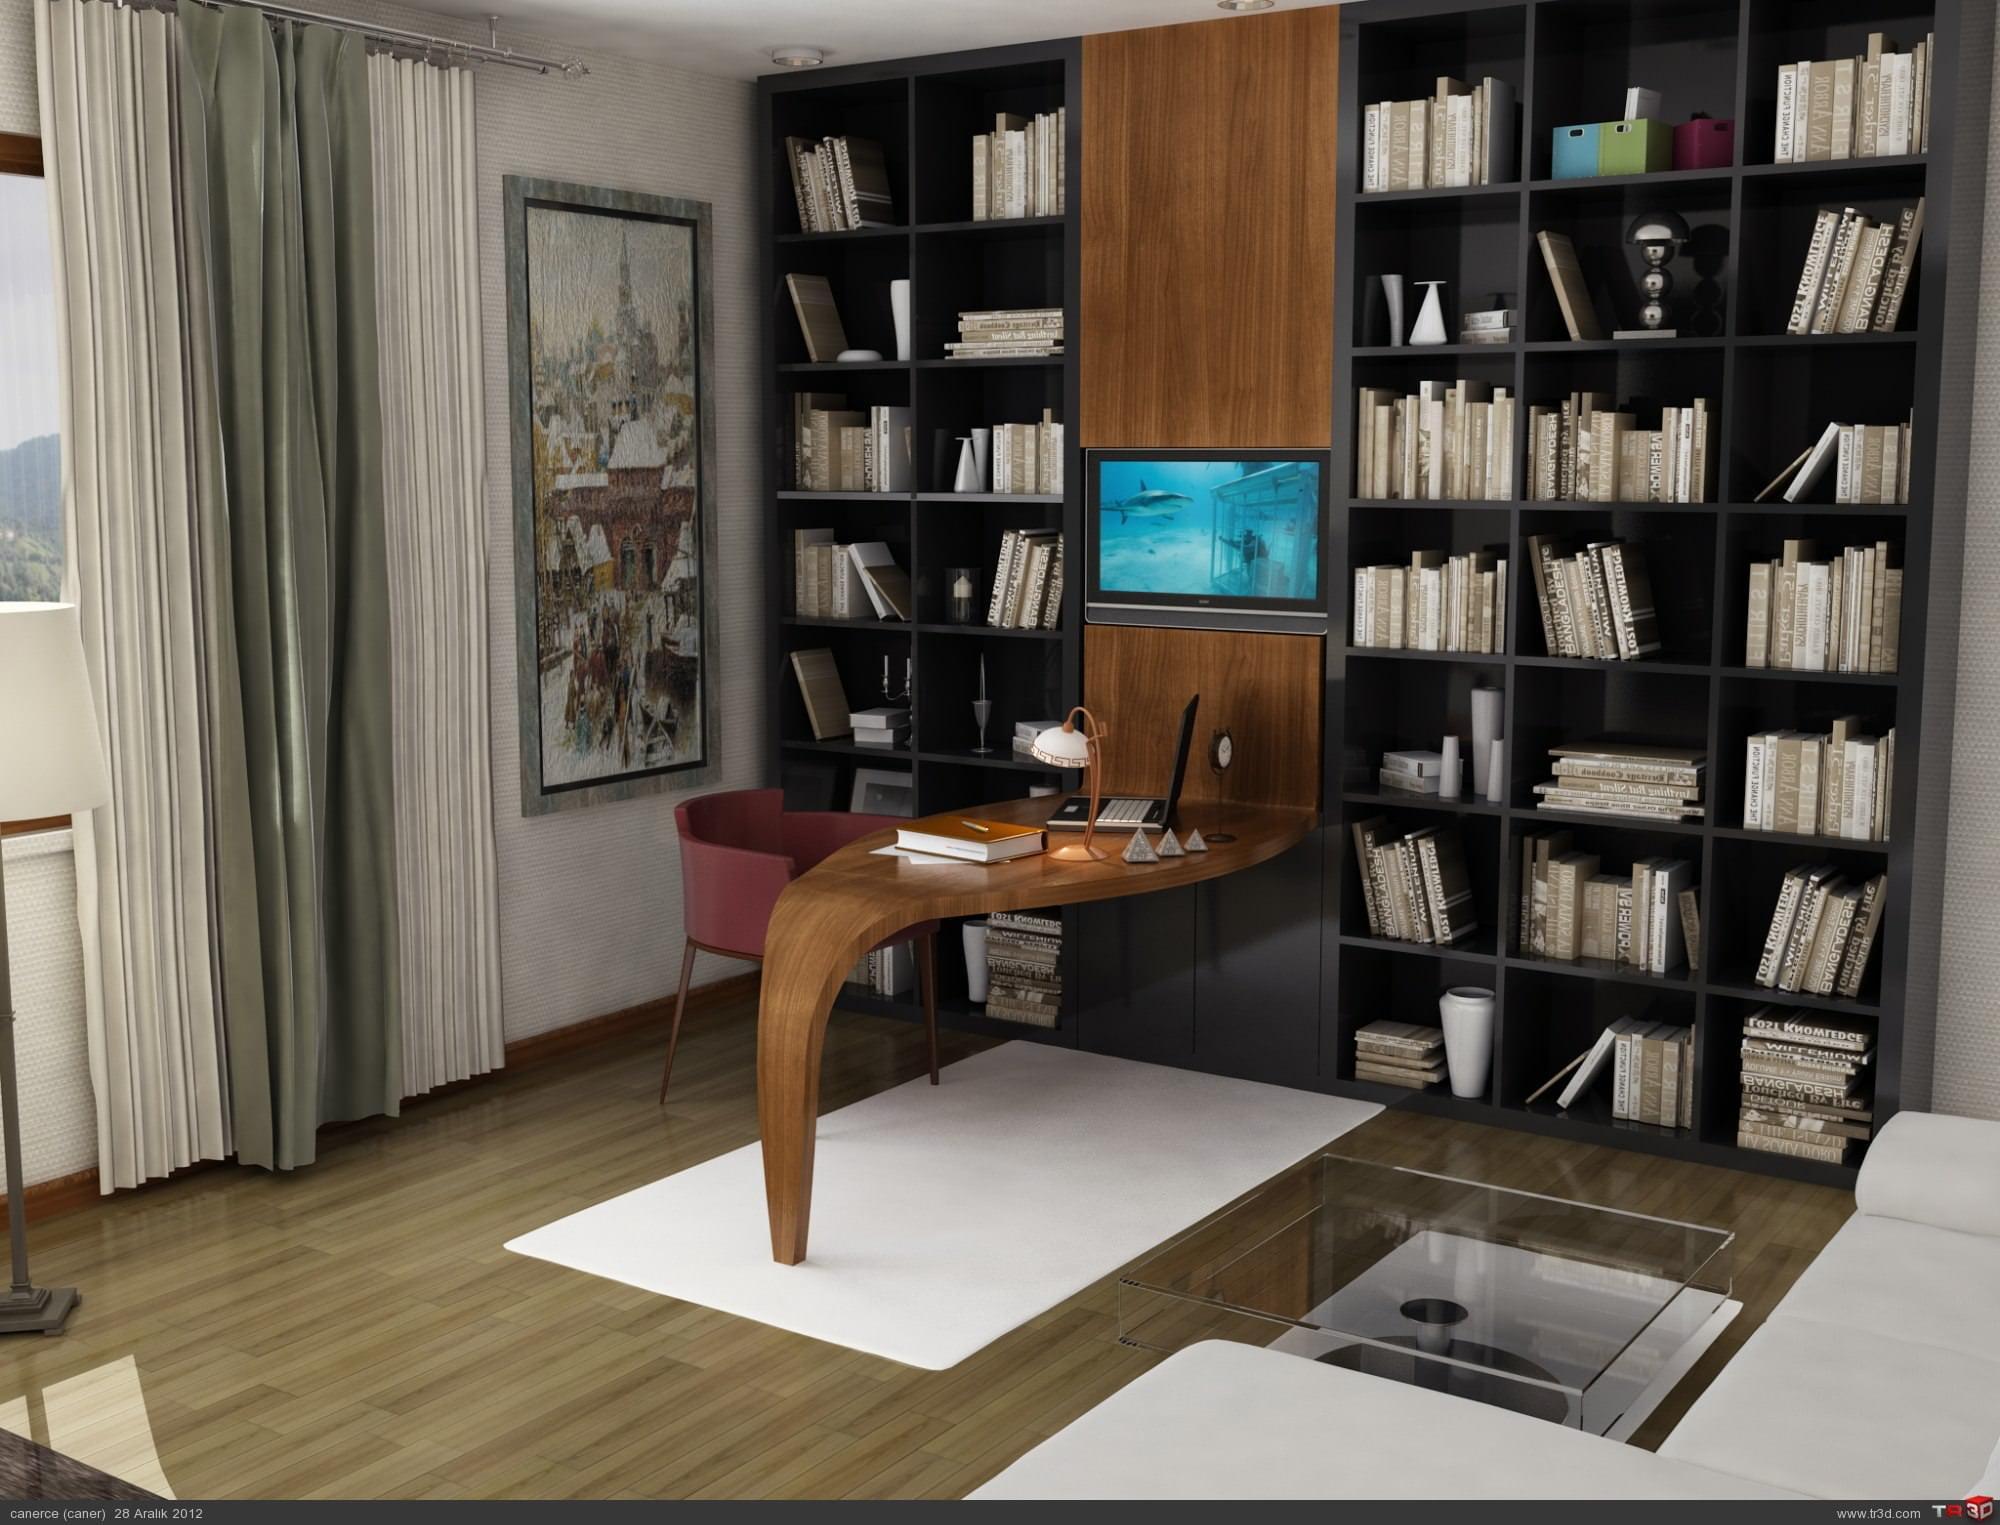 Çalışma odası mobilya